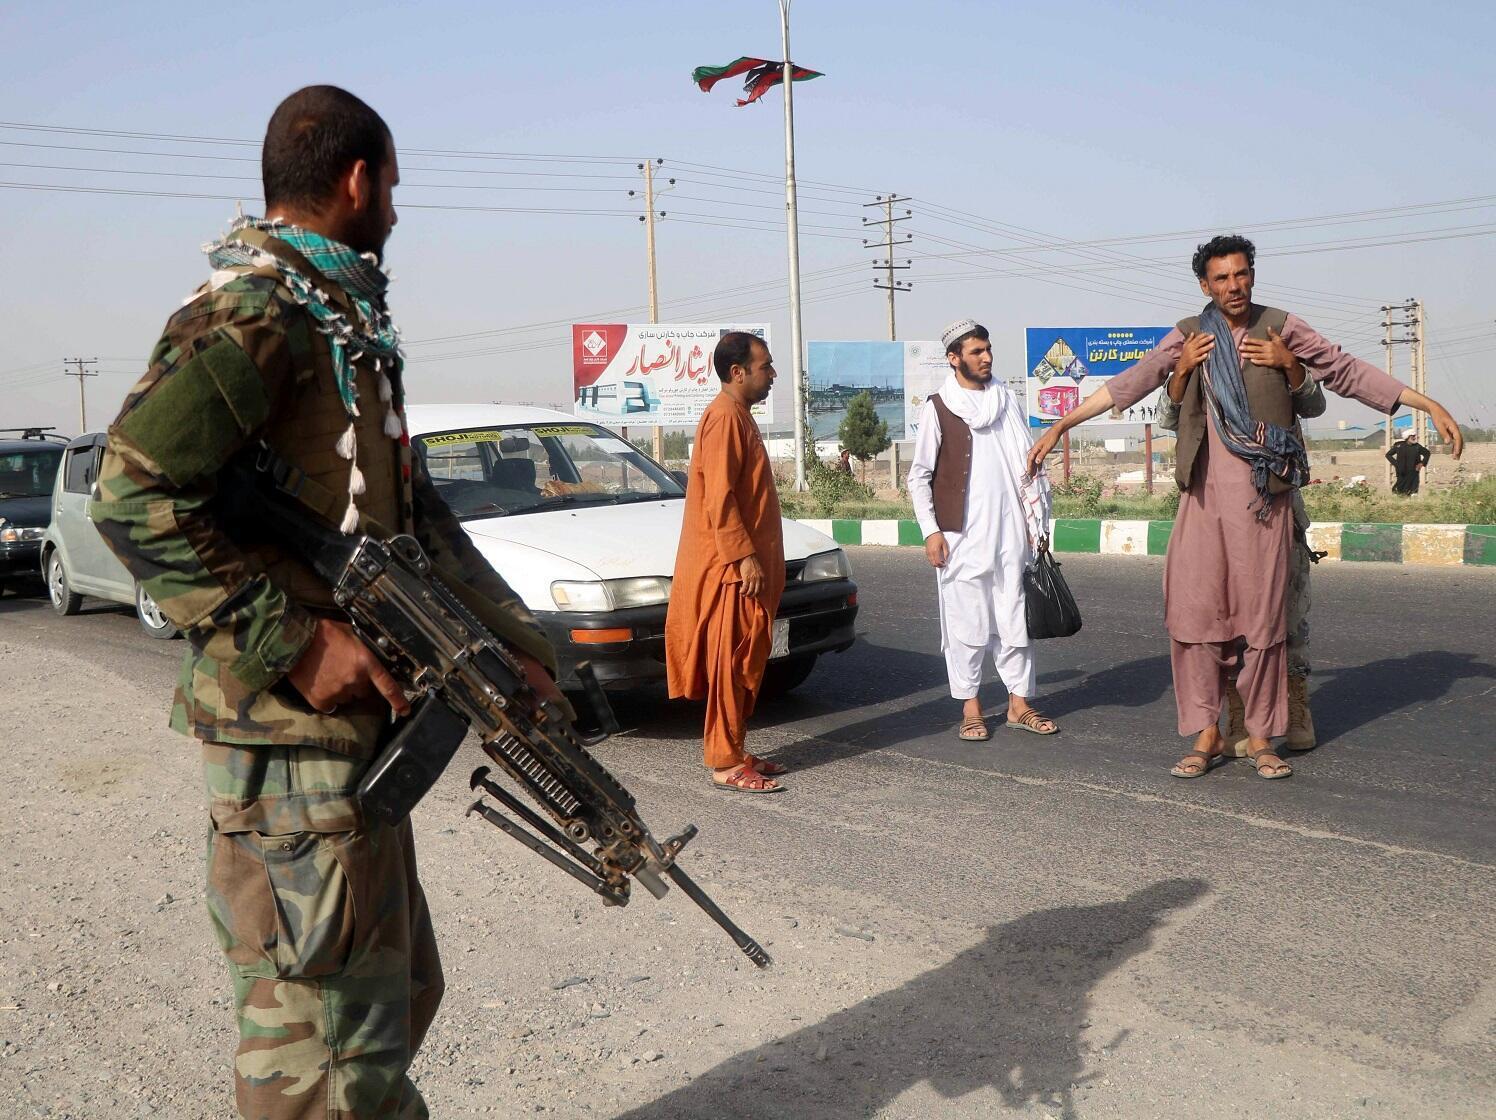 Forces de sécurité afghanes sur un checkpoint dans la province de Hérat, au nord-ouest de l'Afghanistan, le 9 juillet. (Image illustration).